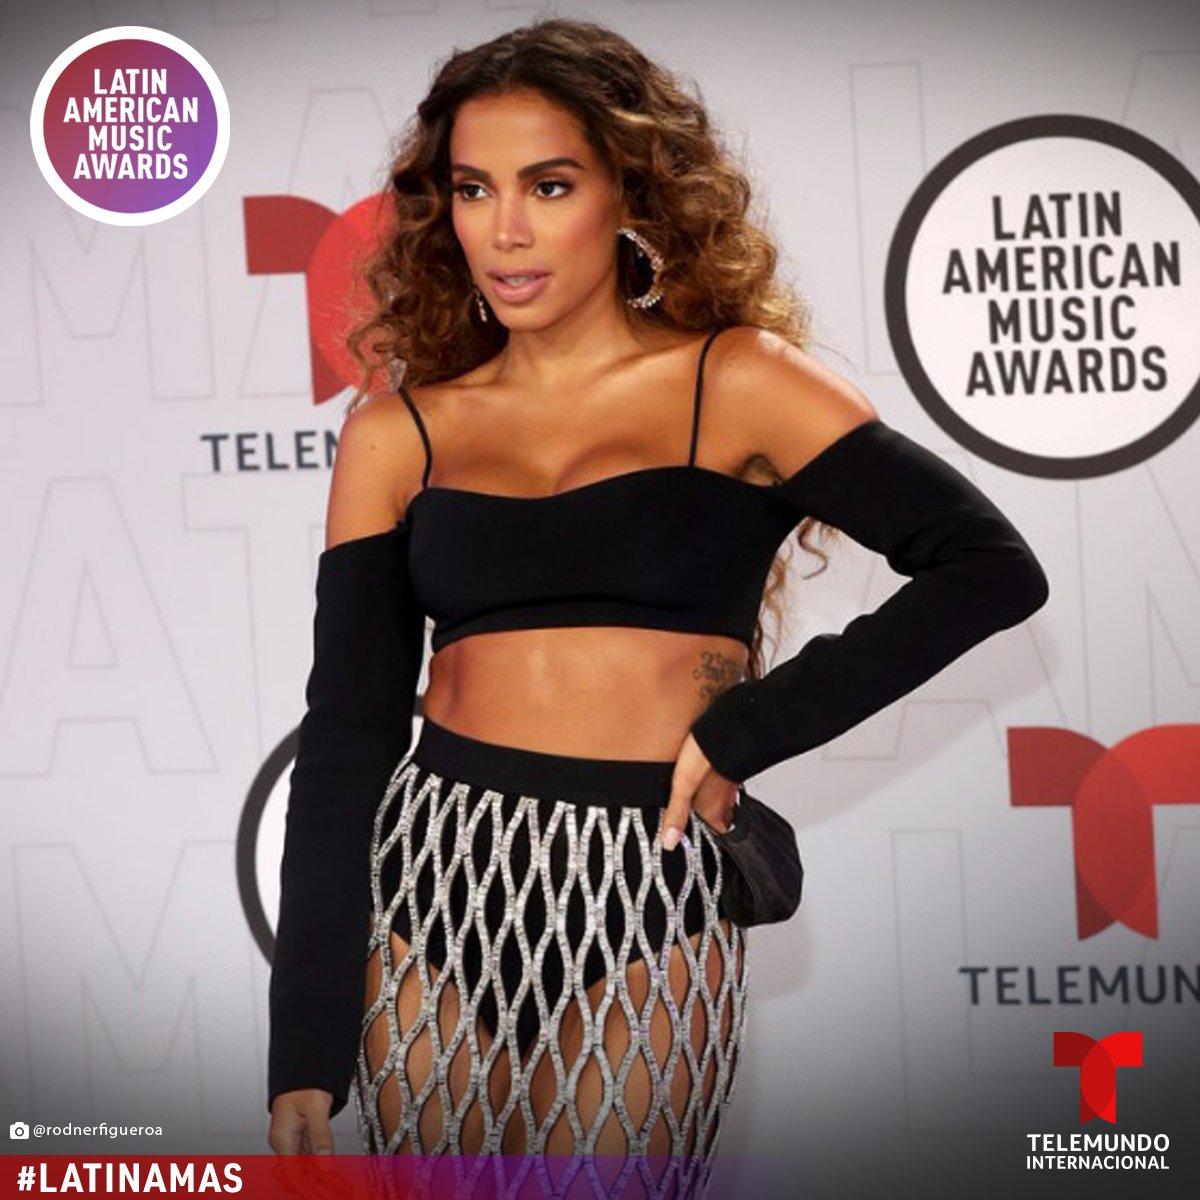 ¡@anitta subió la temperatura en la Alfombra Roja de los #LatinAMAS 2021 con su look! 🔥🔥🔥 Sigue cada segundo de esta Alfombra Roja, porque la fiesta apenas empieza, y no te pierdas su presentación. 💃🎤🎼  📸: Getty Images